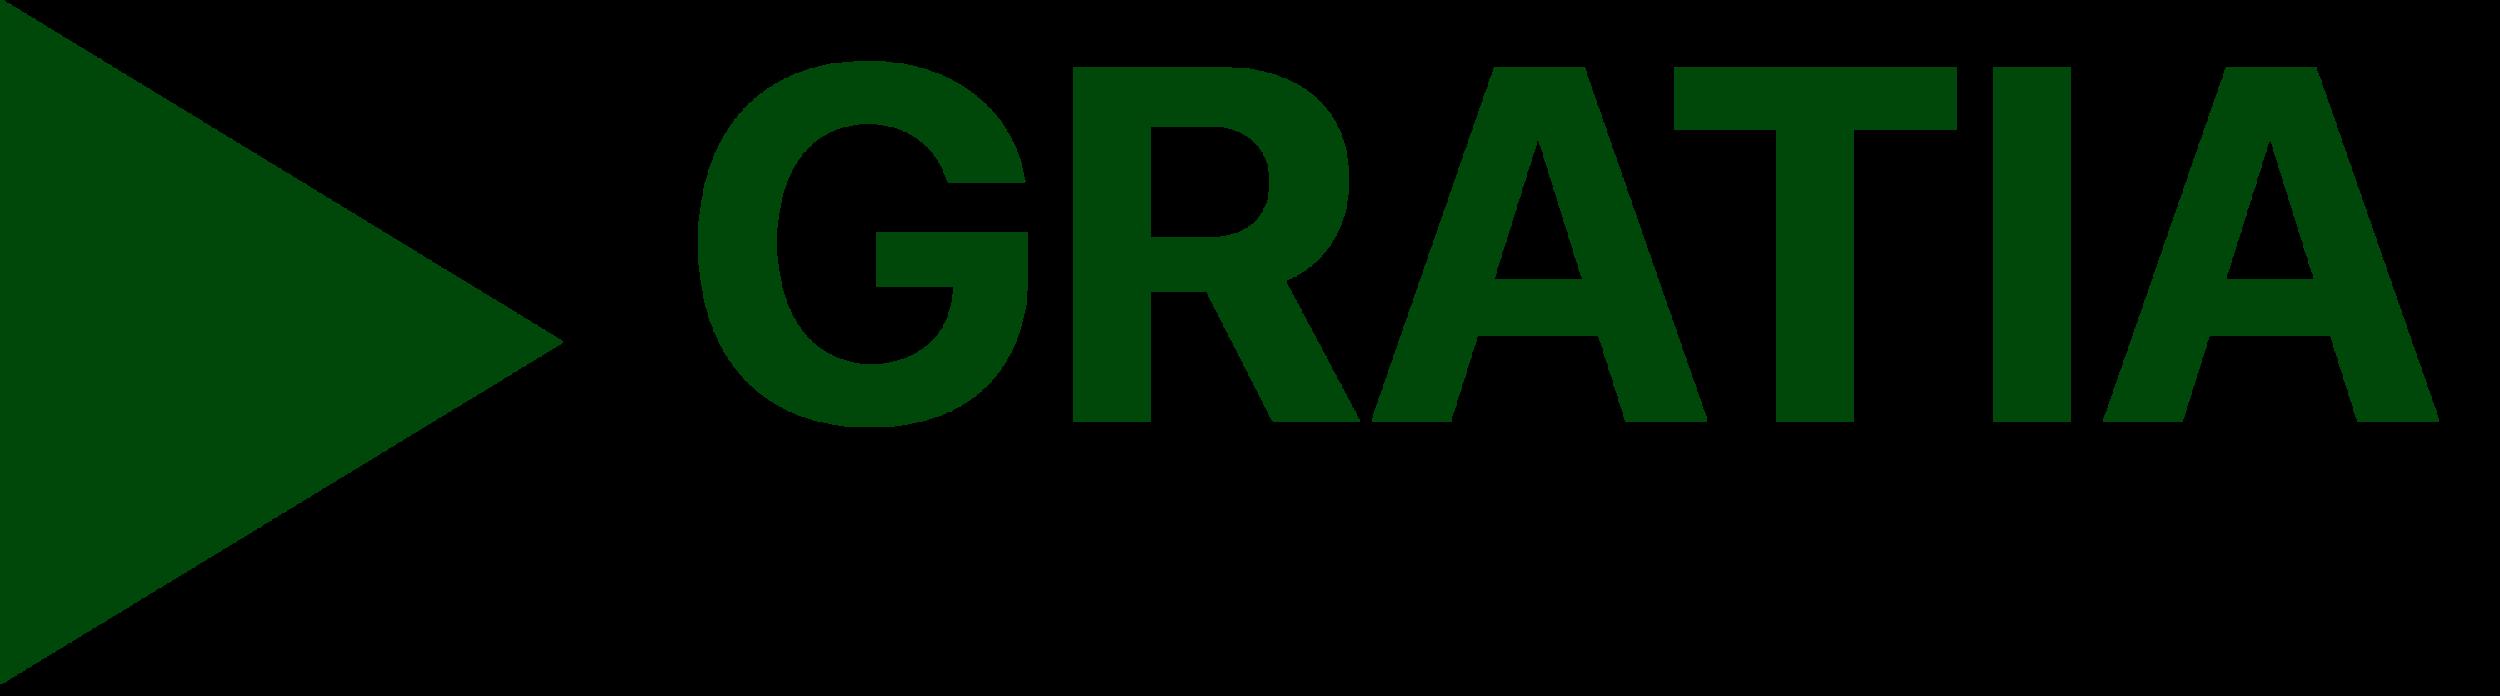 PNG Gratia - black byline.png